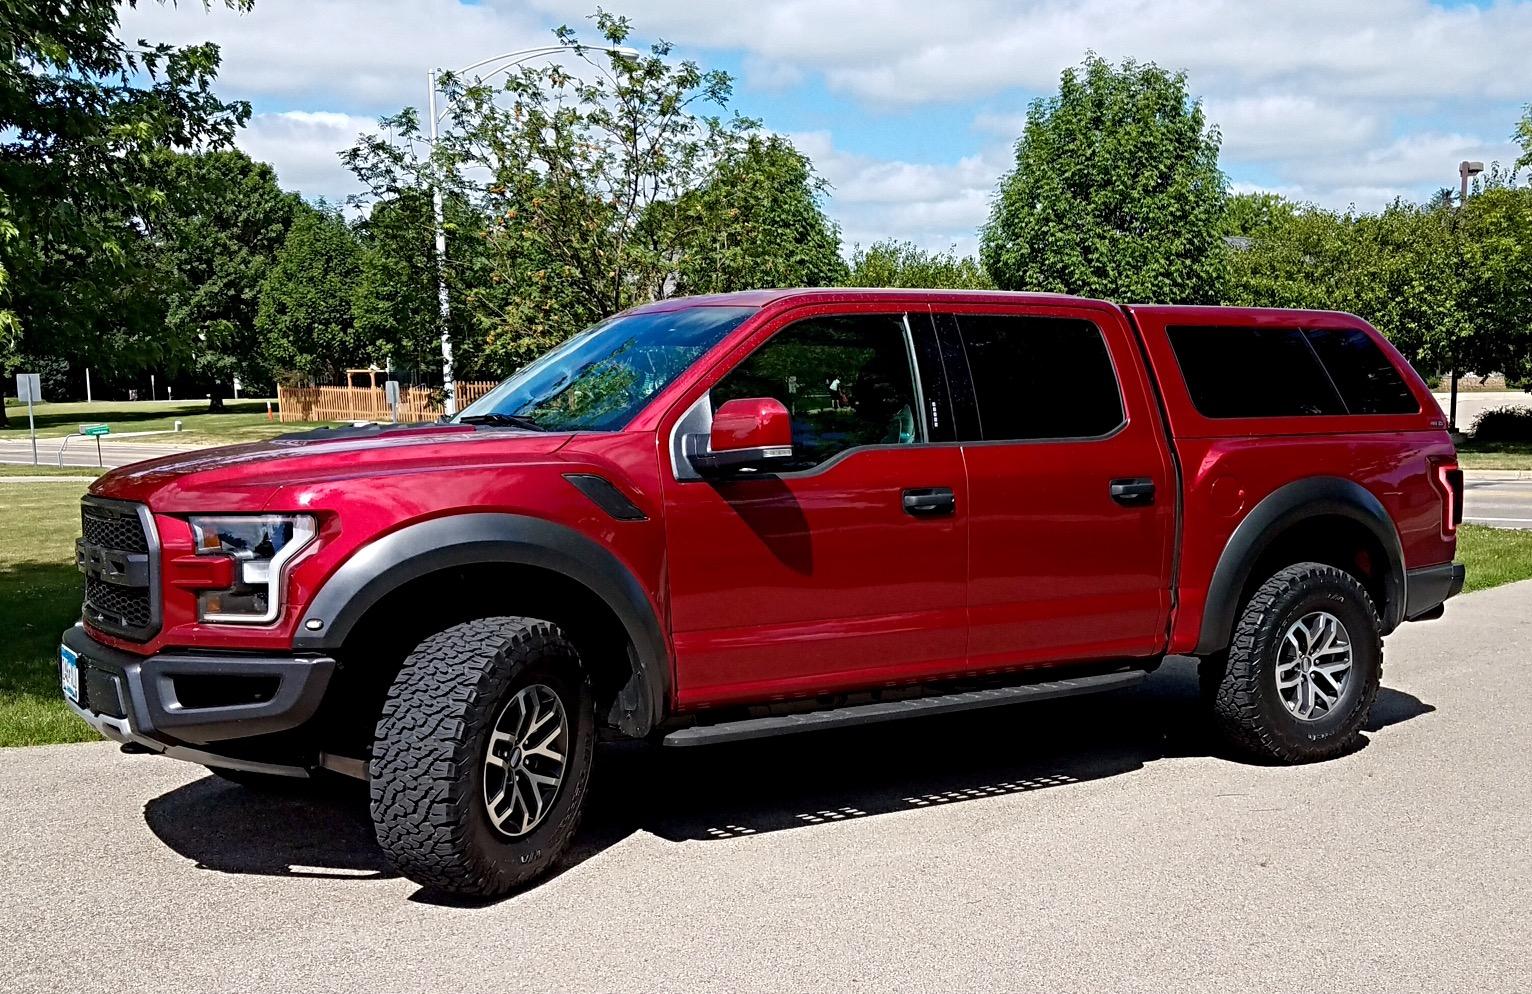 Best SUV?-c37d9fbe-4425-49b0-b1b2-7496f55e7452-jpeg